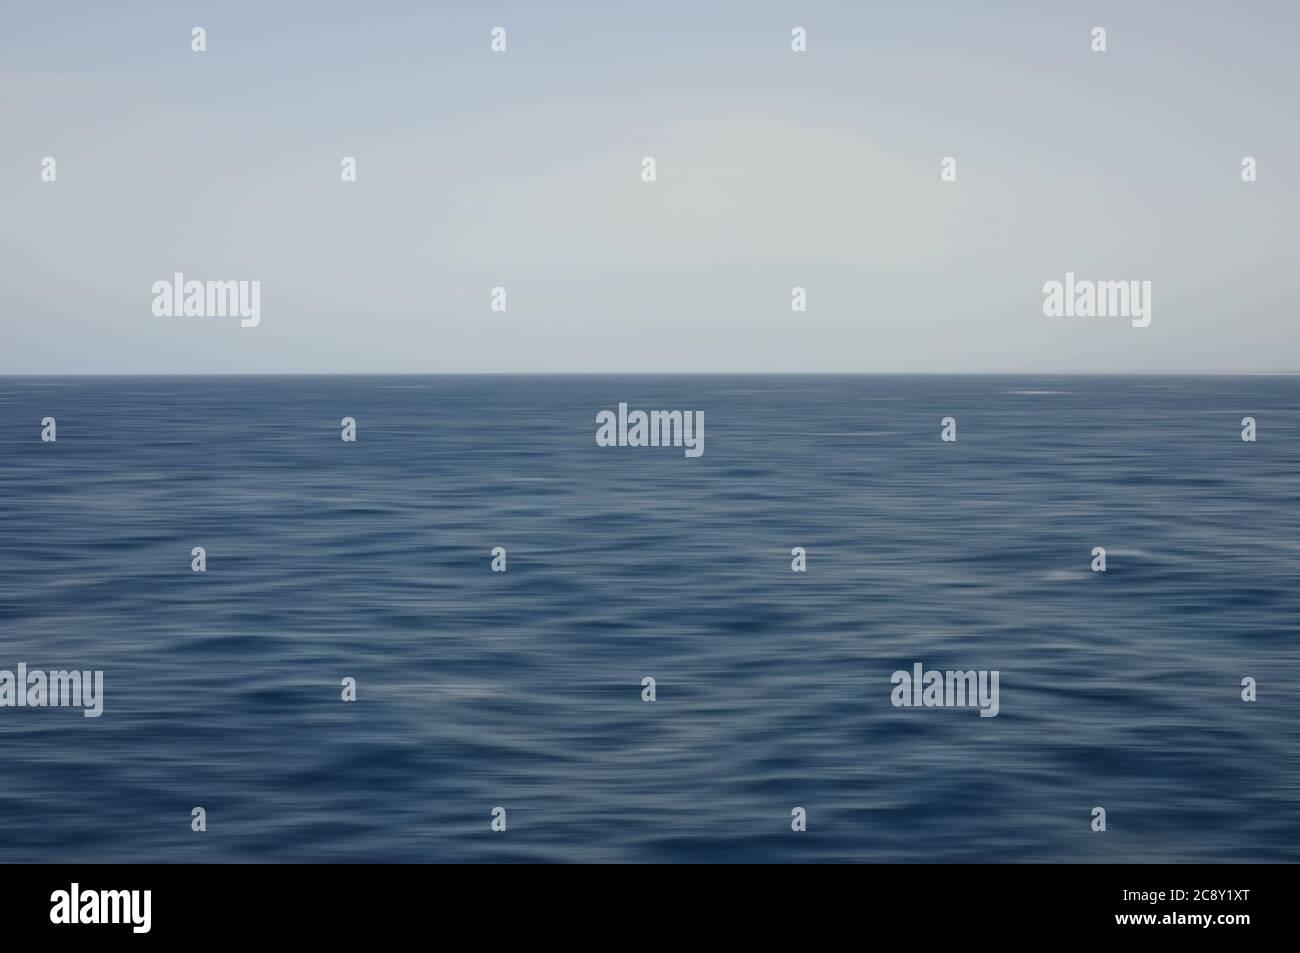 Onde di mare profondo e cielo blu. Sfondo sfocato con movimento astratto. Foto Stock